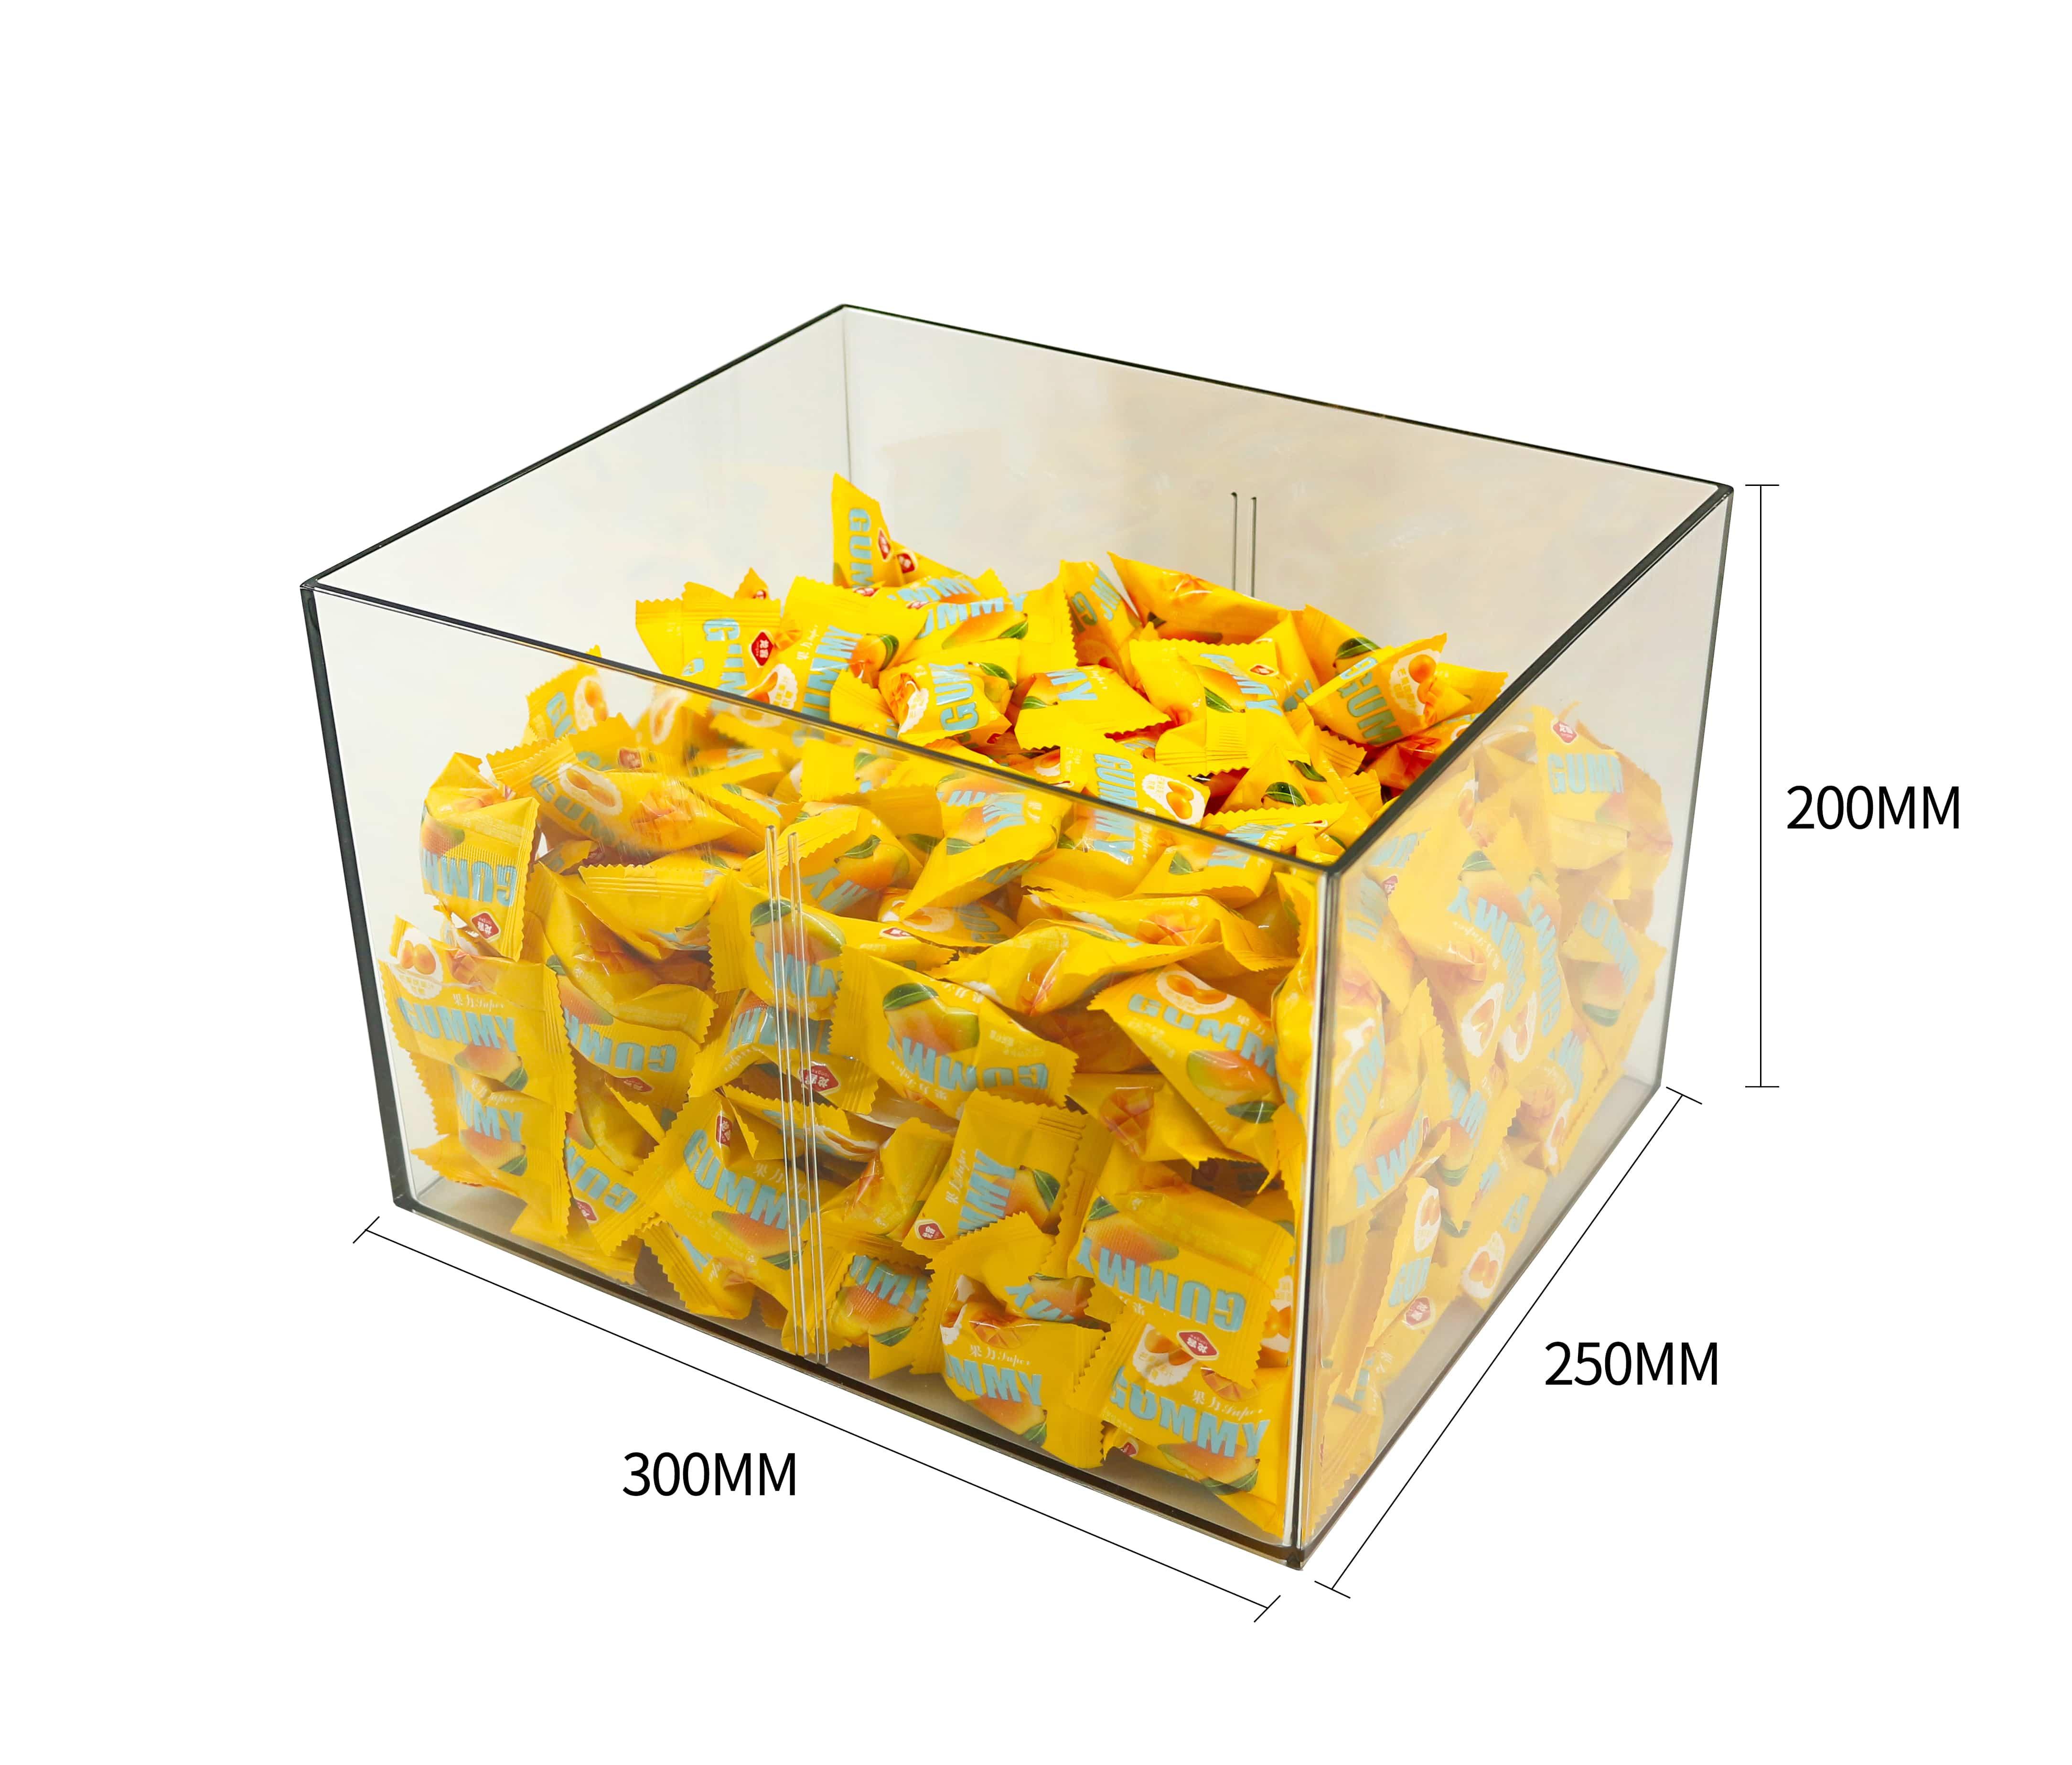 Candybox Großbehälter für Lebensmittelindustrie